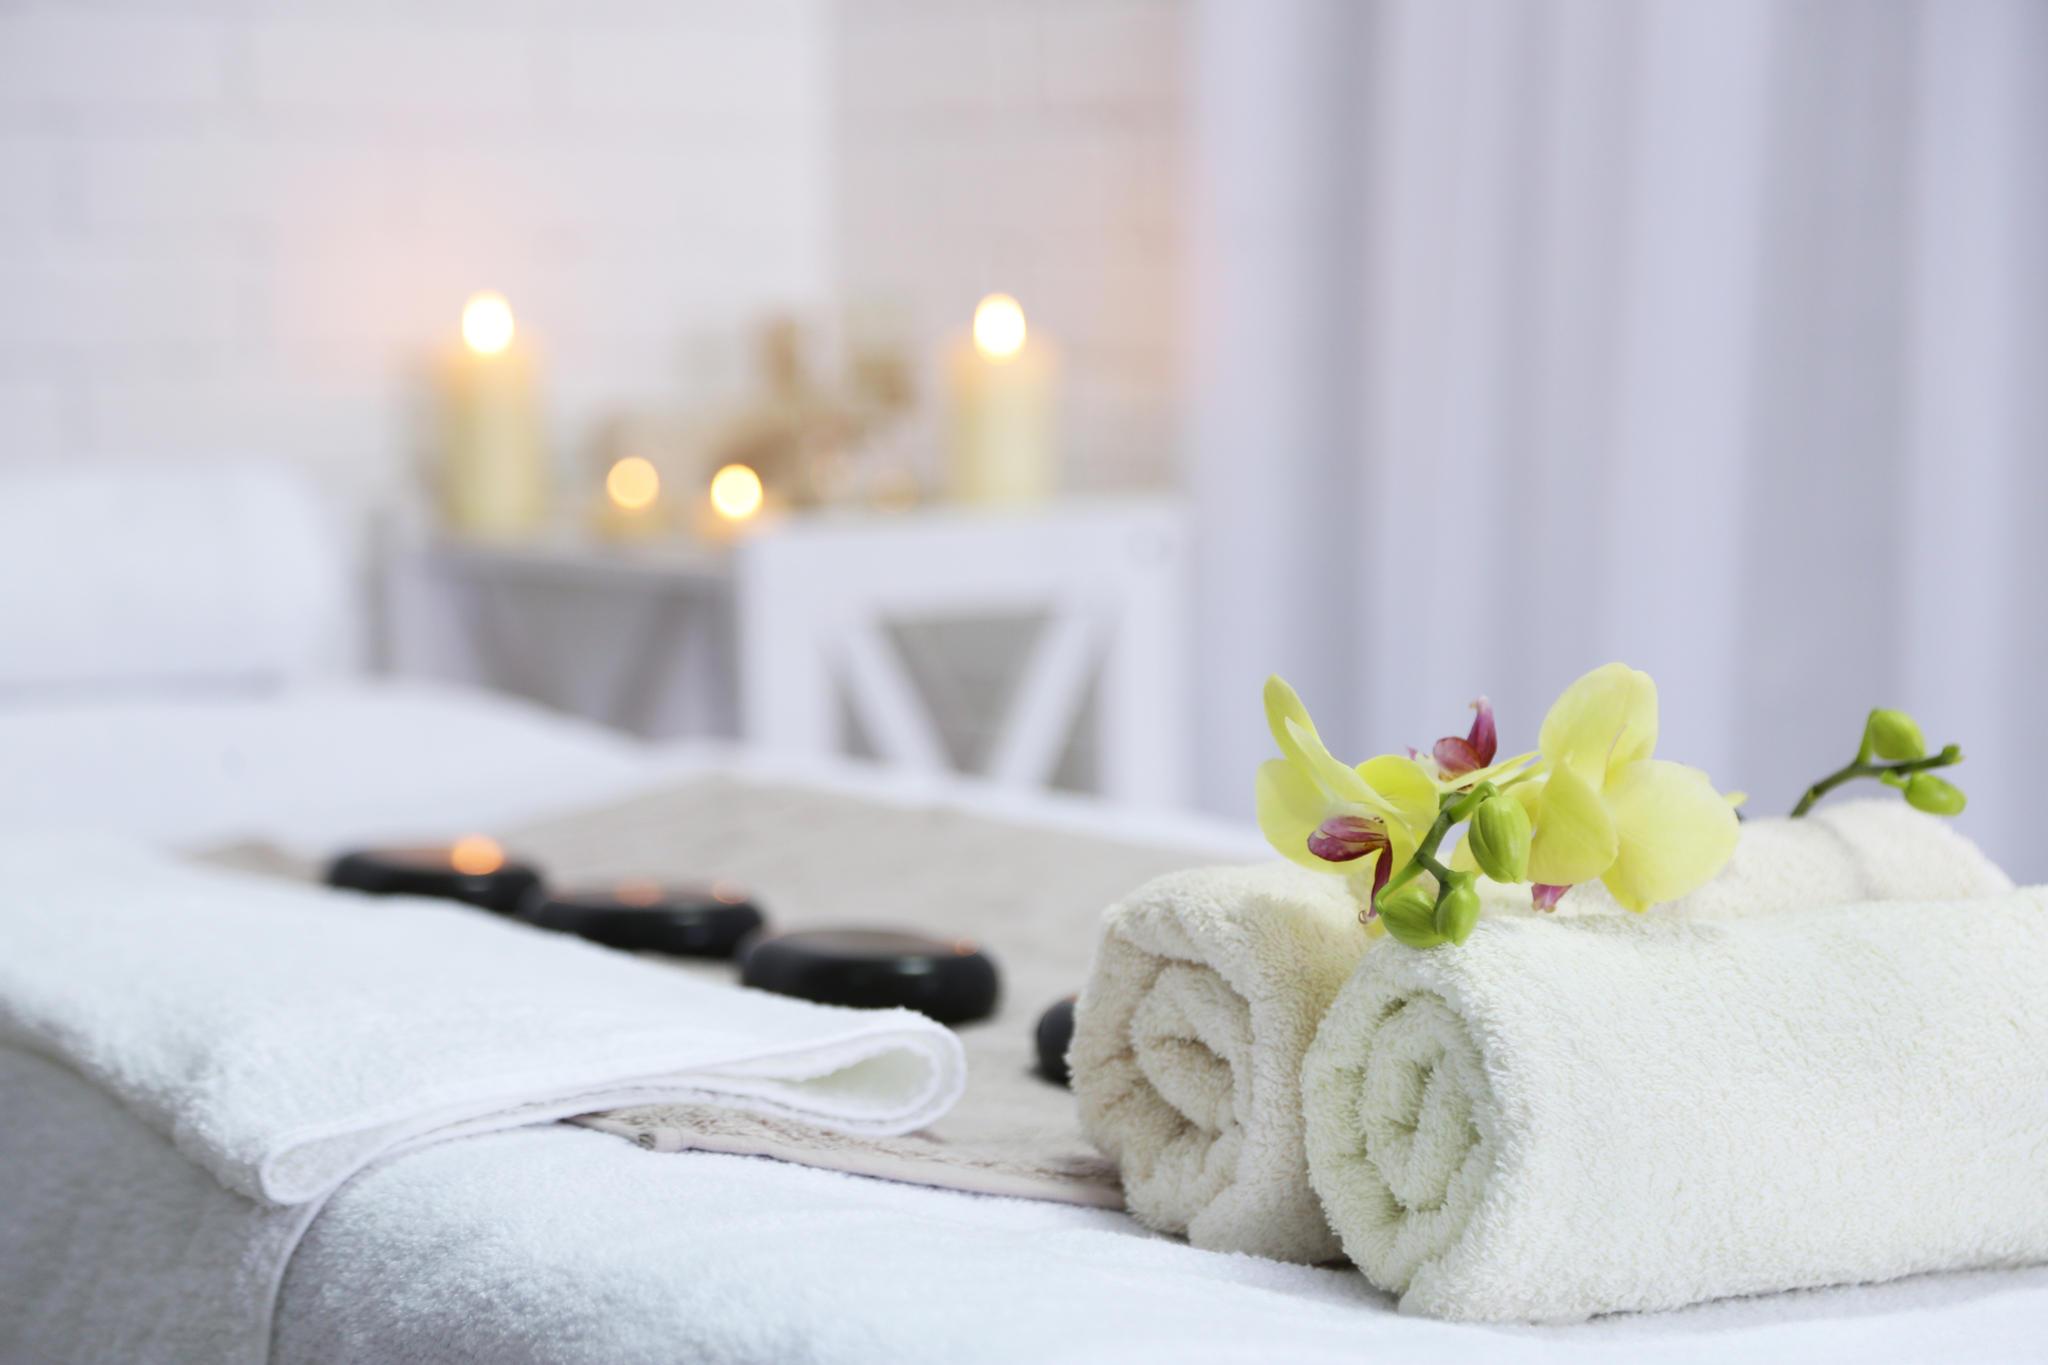 wellnesshotels in deutschland fotoshow gut klosterm hle in brandenburg. Black Bedroom Furniture Sets. Home Design Ideas